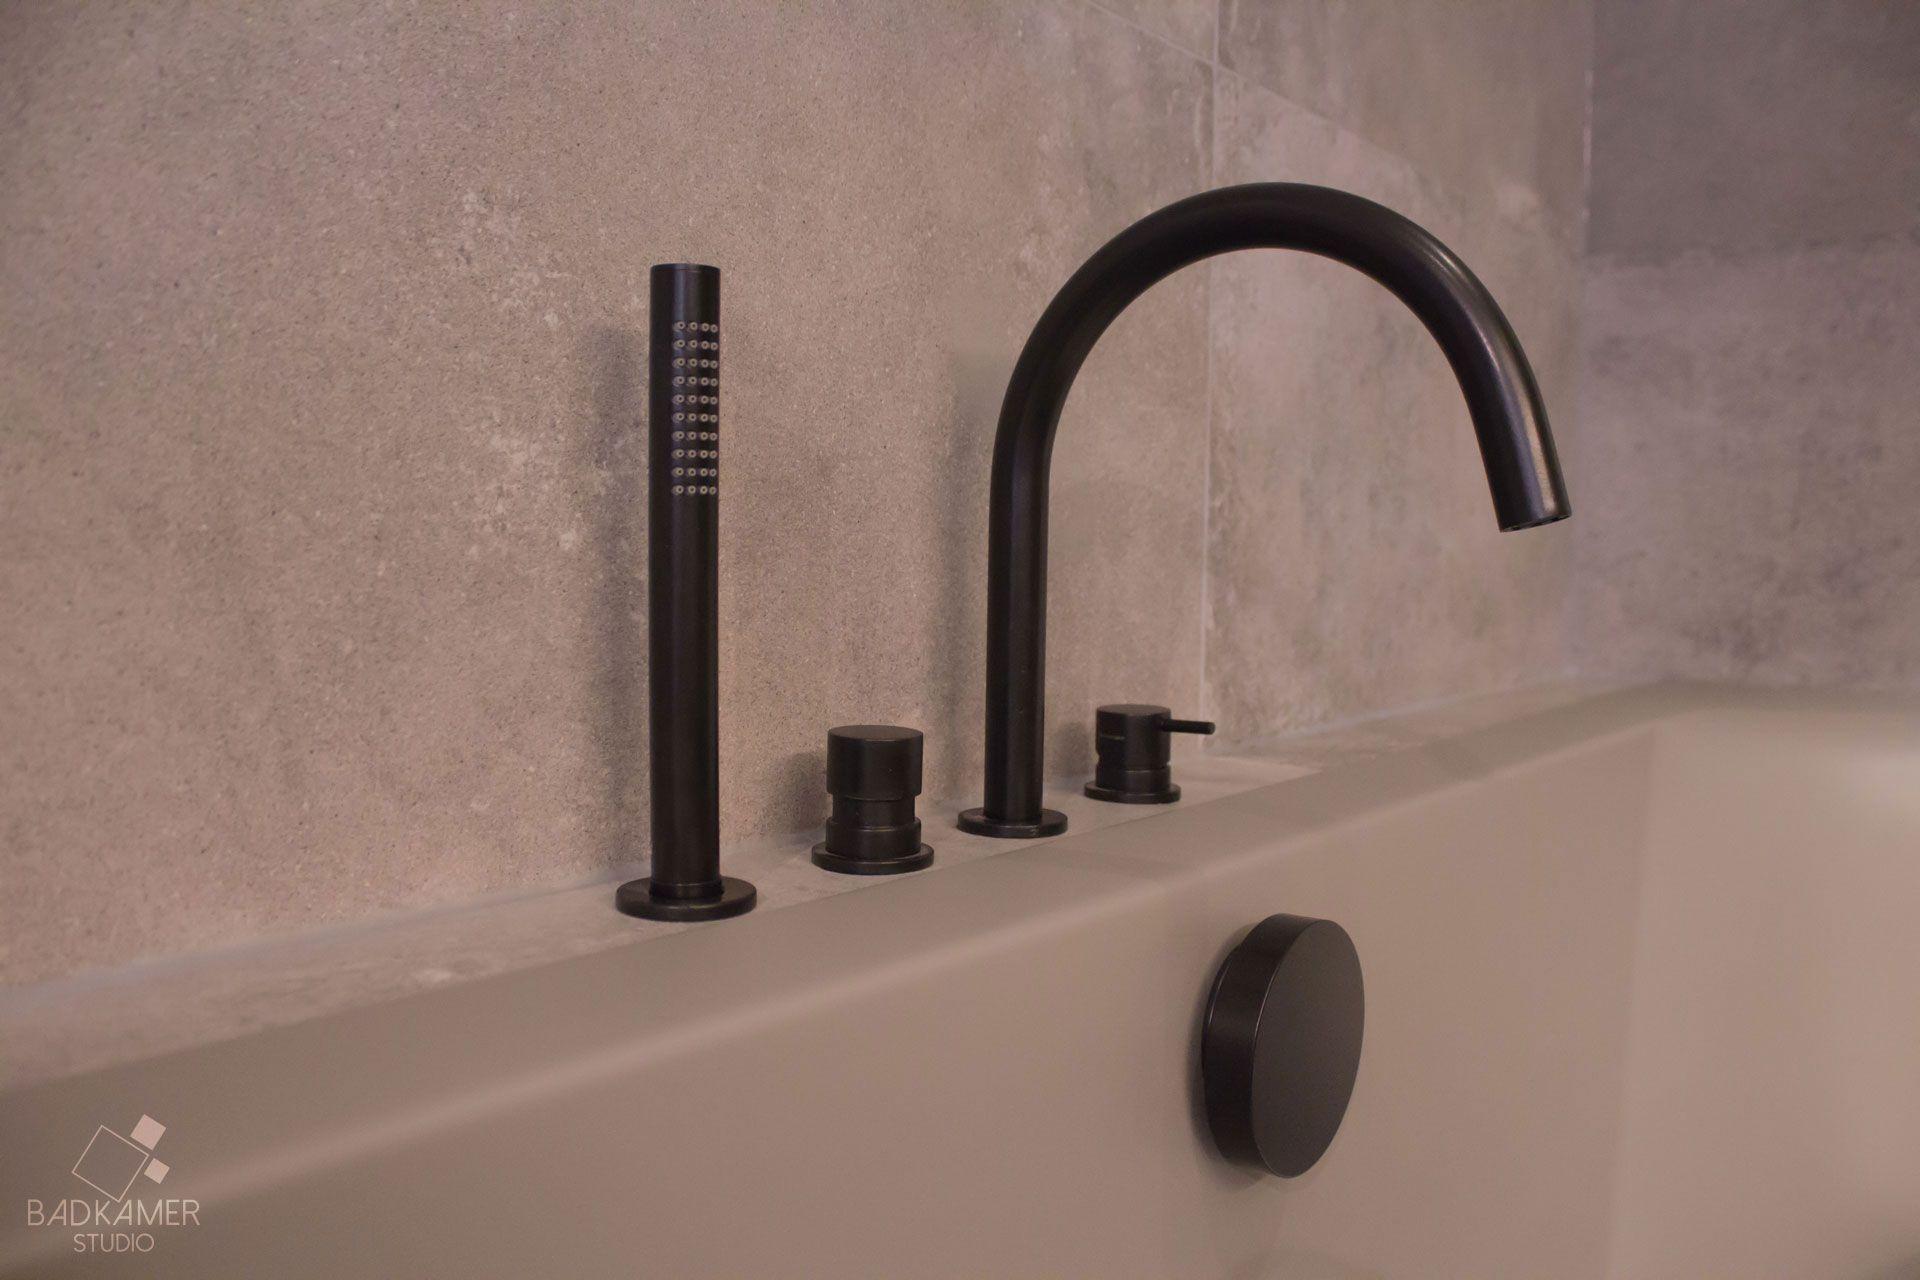 Matzwarte kraan uit badkamer trendy zwarte kranen mat zwart meir